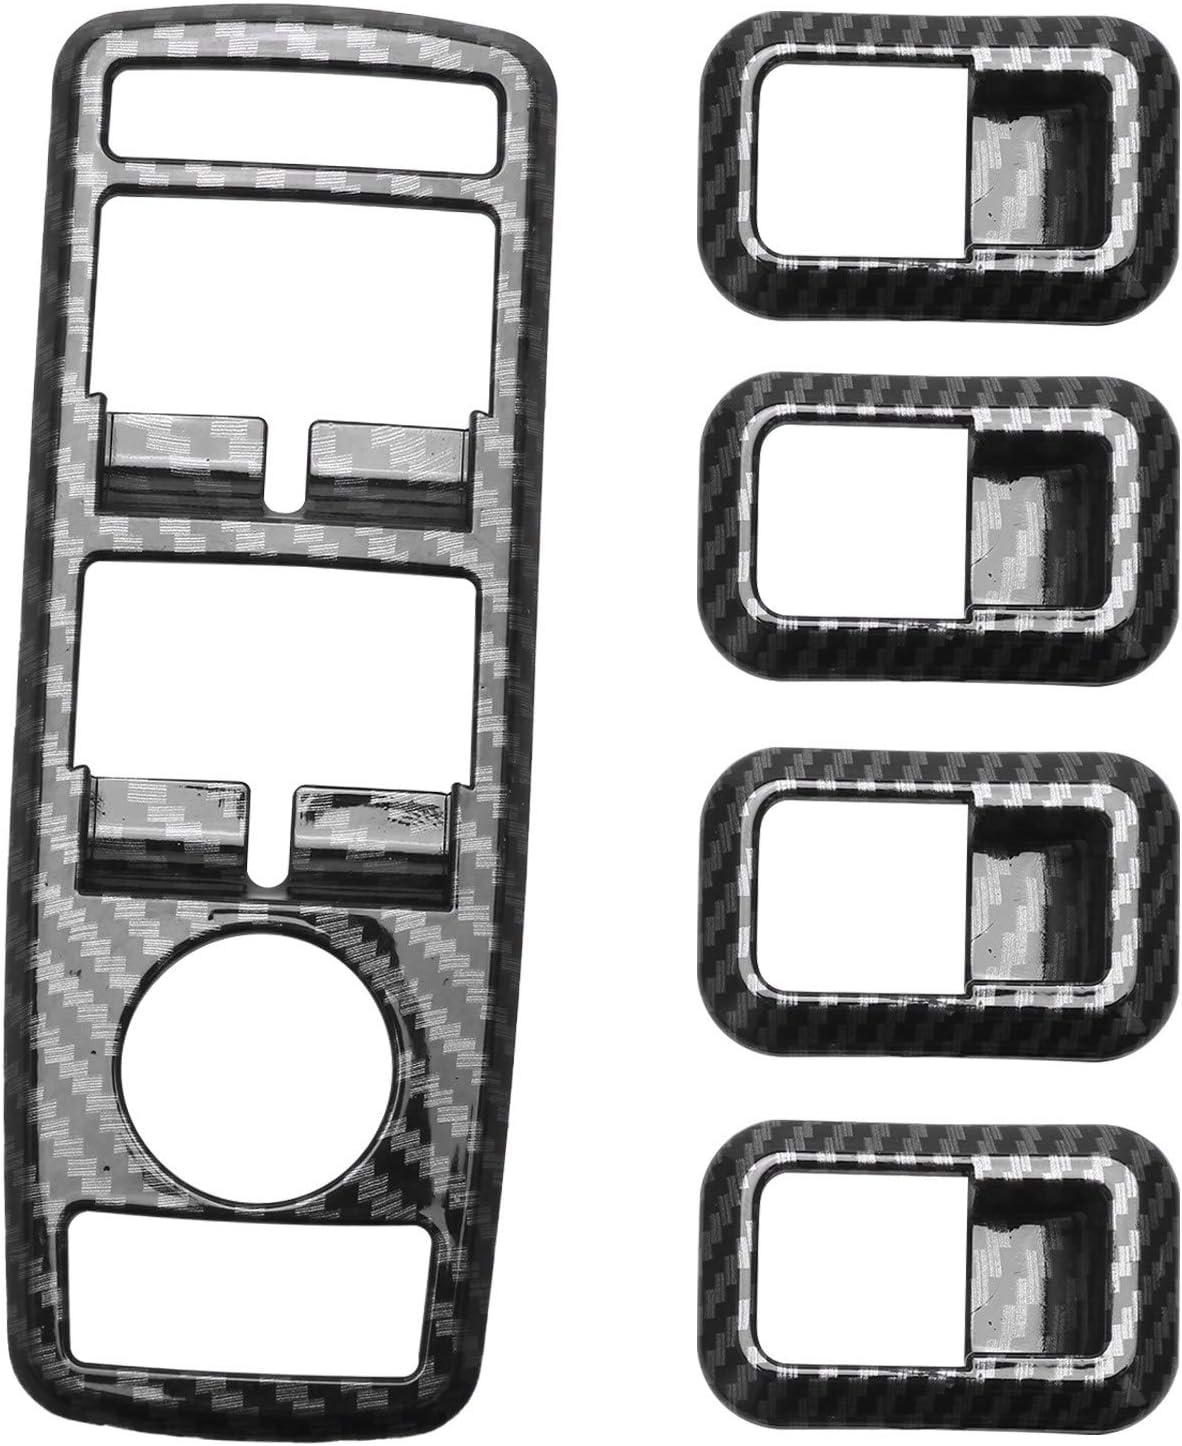 Nrpfell 5 Pi/èces Voiture Auto en Fiber De Carbone Interrupteur De Fen/être Bouton Garniture Couverture Cadre pour Mercedes Une B C E Cla Gla Glk ML Gle Classe W204